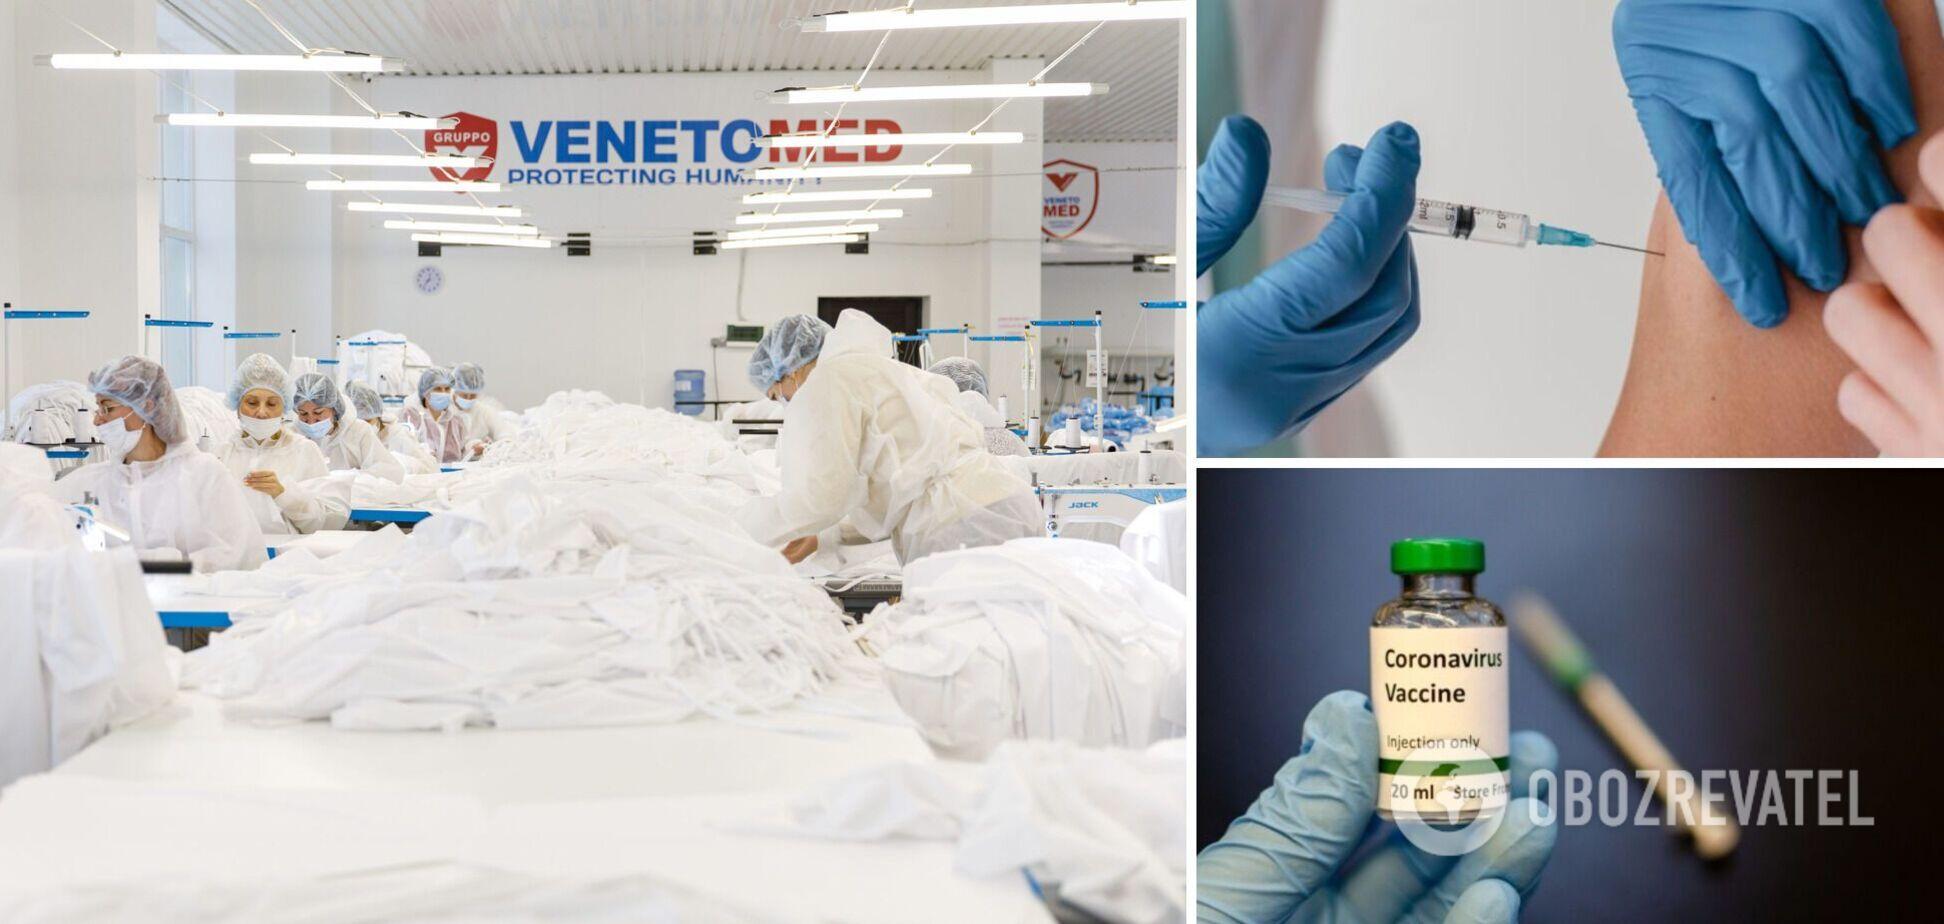 Компания 'Венето' полностью провакцинировала своих сотрудников от гриппа и коронавируса